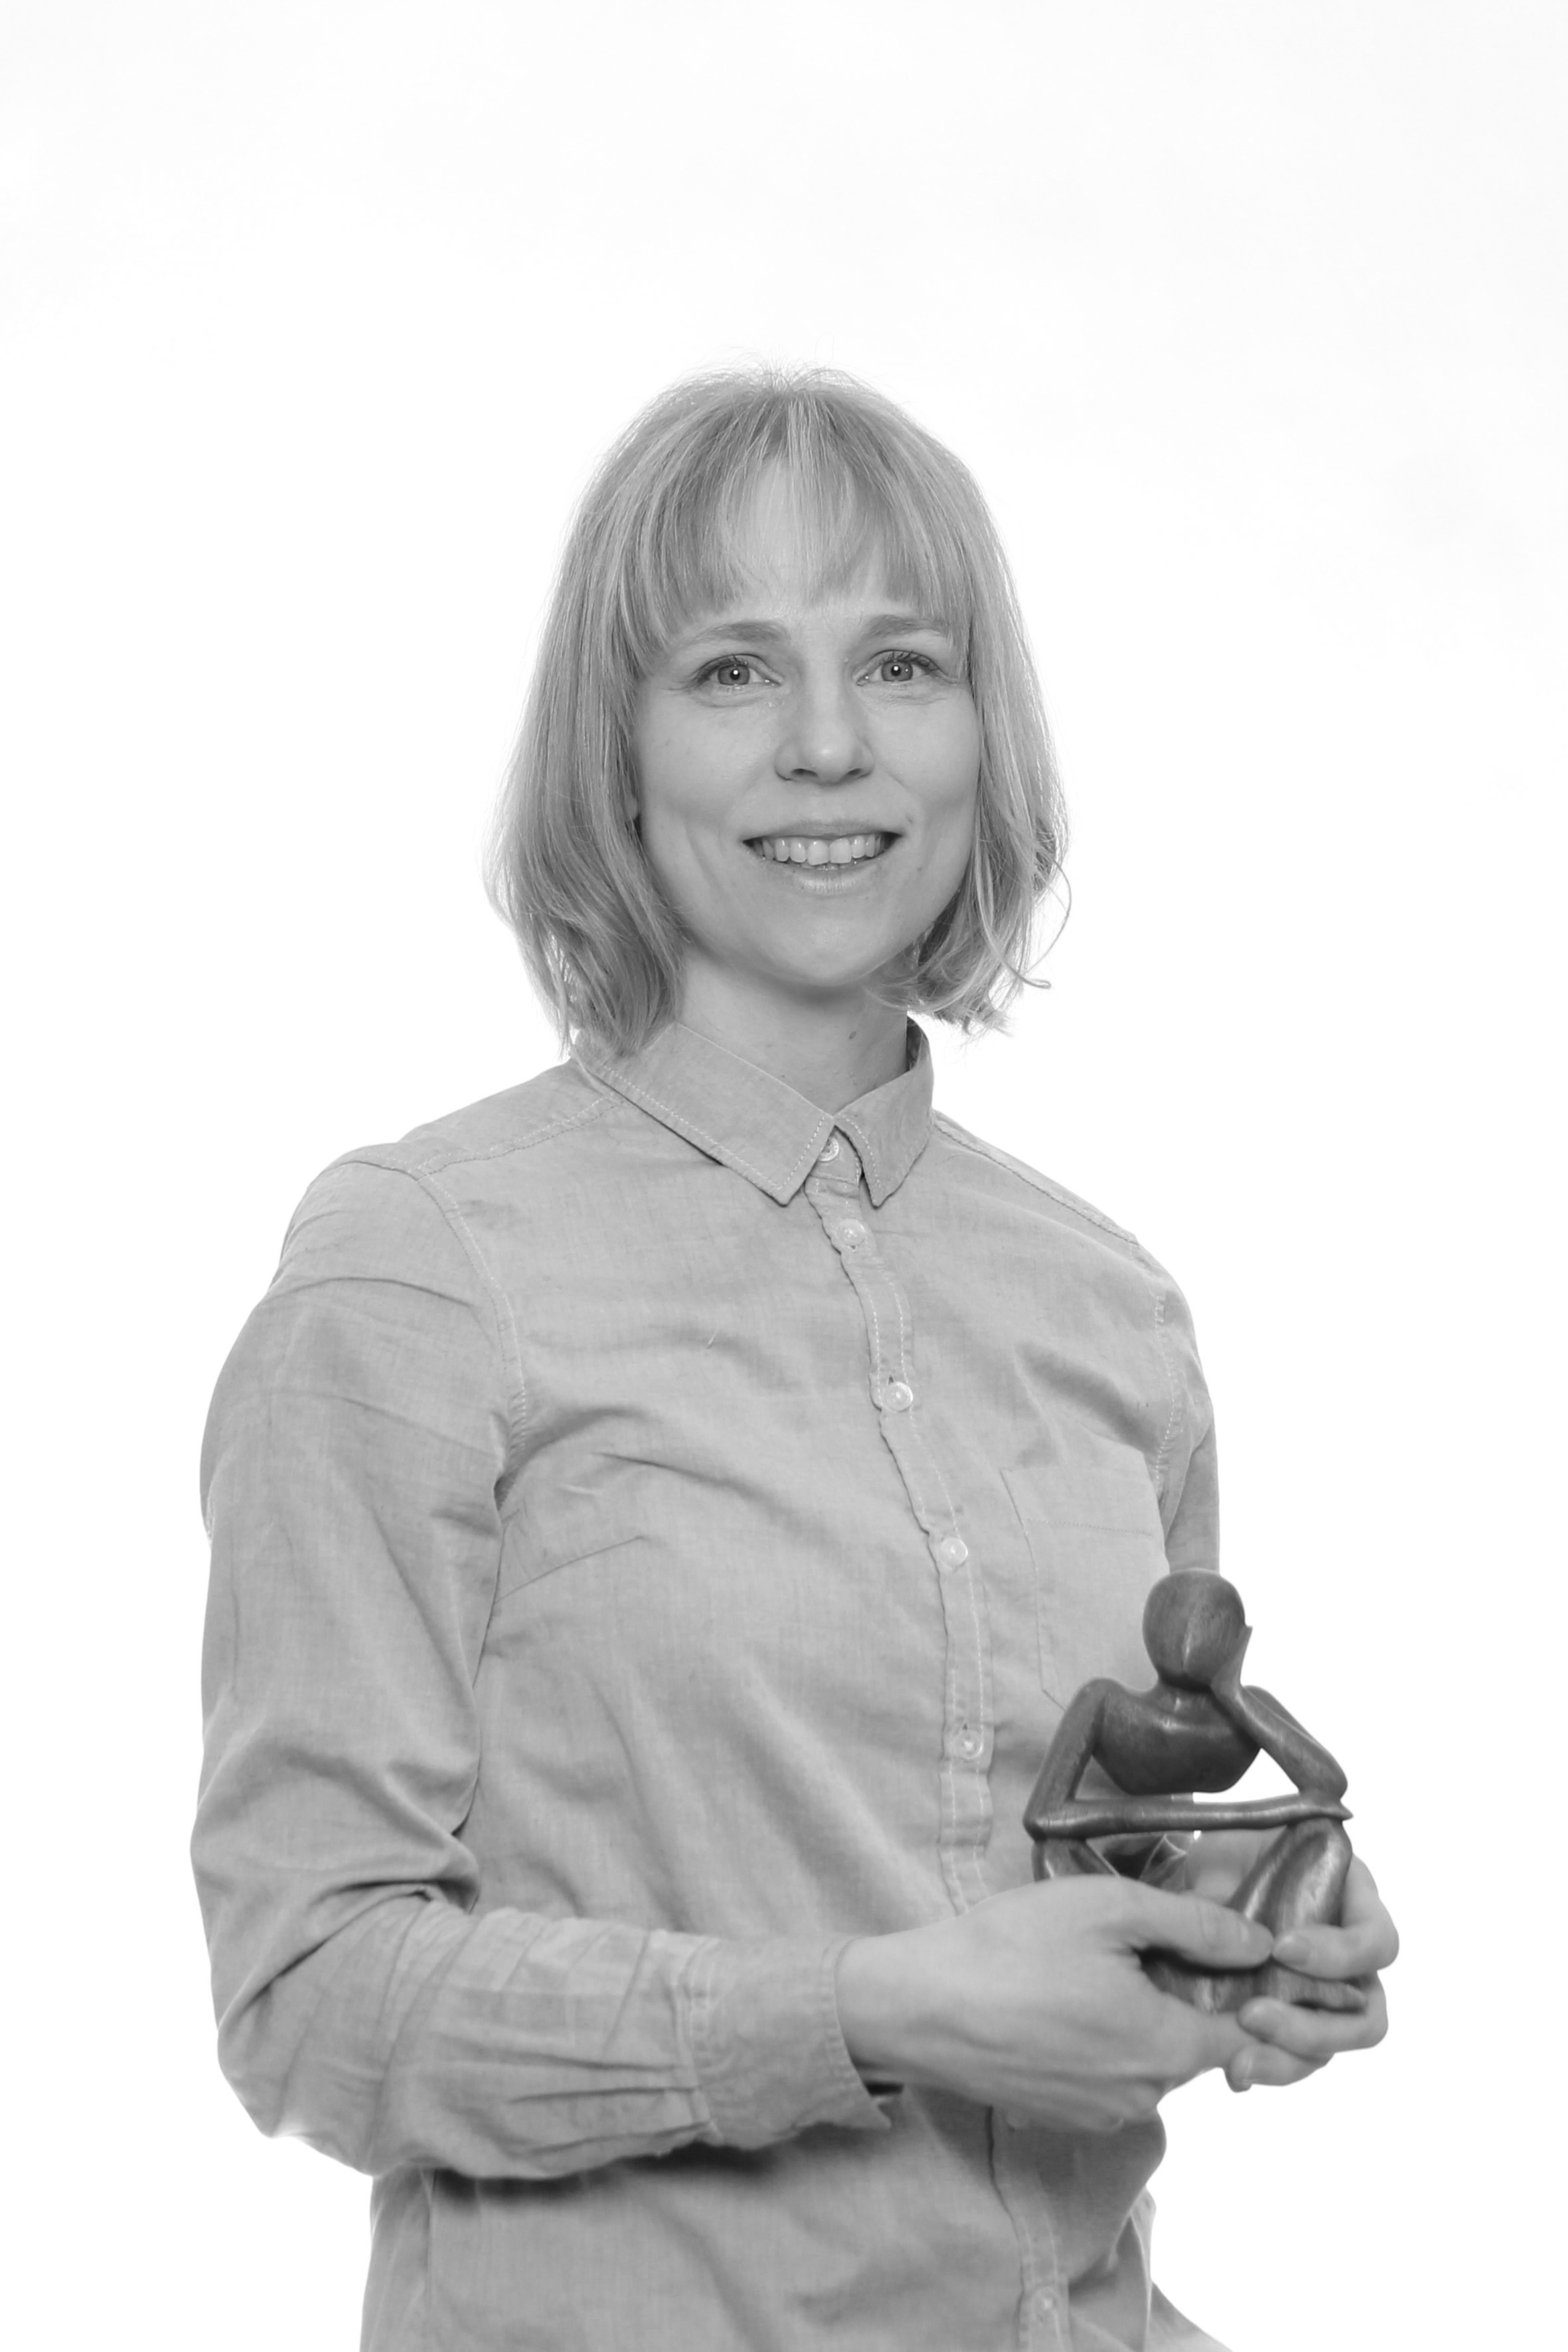 Emma Timonen - Olen kuopiolainen ohjausalan ammattilainen, jolla on kokemusta niin nuorten kuin aikuistenkin ohjauksesta.Ohjauksessa minulle on tärkeää auttaa ihmisiä huomaamaan omia vahvuuksiaan sekä löytämään omaan elämäntilanteeseensa ja tavoitteisiinsa sopivia ratkaisuja.Linkki LinkedIn-profiiliin.